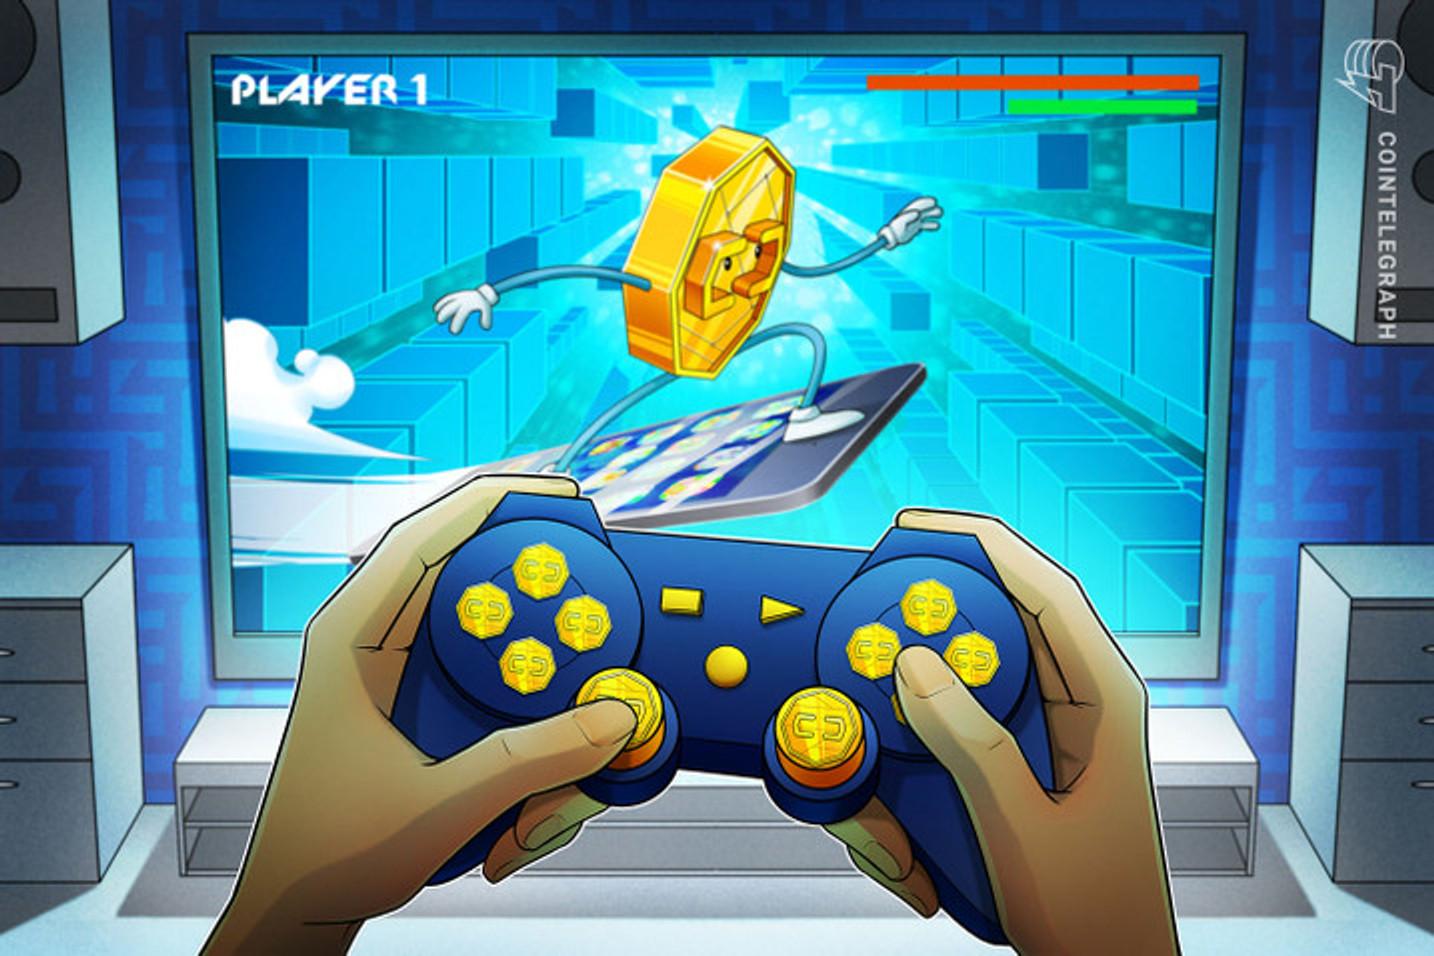 PlayStation e blockchain: Bolsonaro deve reduzir ainda mais impostos para jogos eletrônicos